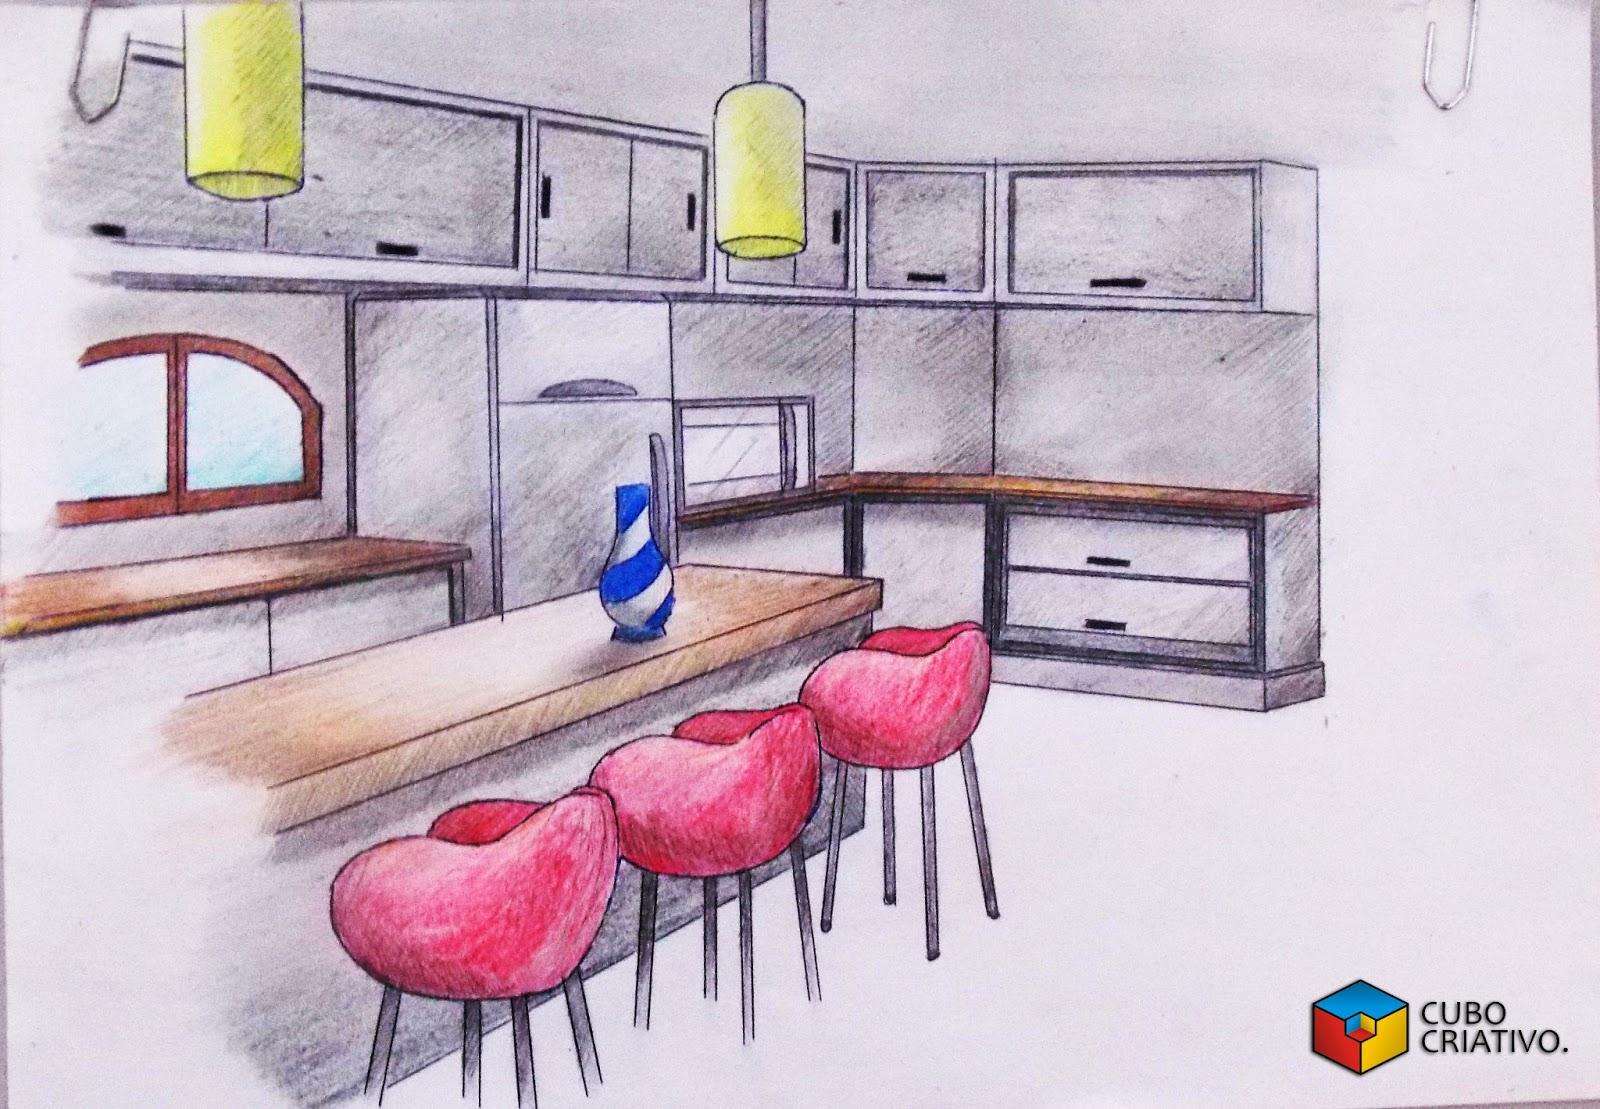 CUBO CRIATIVO DESIGN: Design de Interiores Cozinha #A5264C 1600 1109